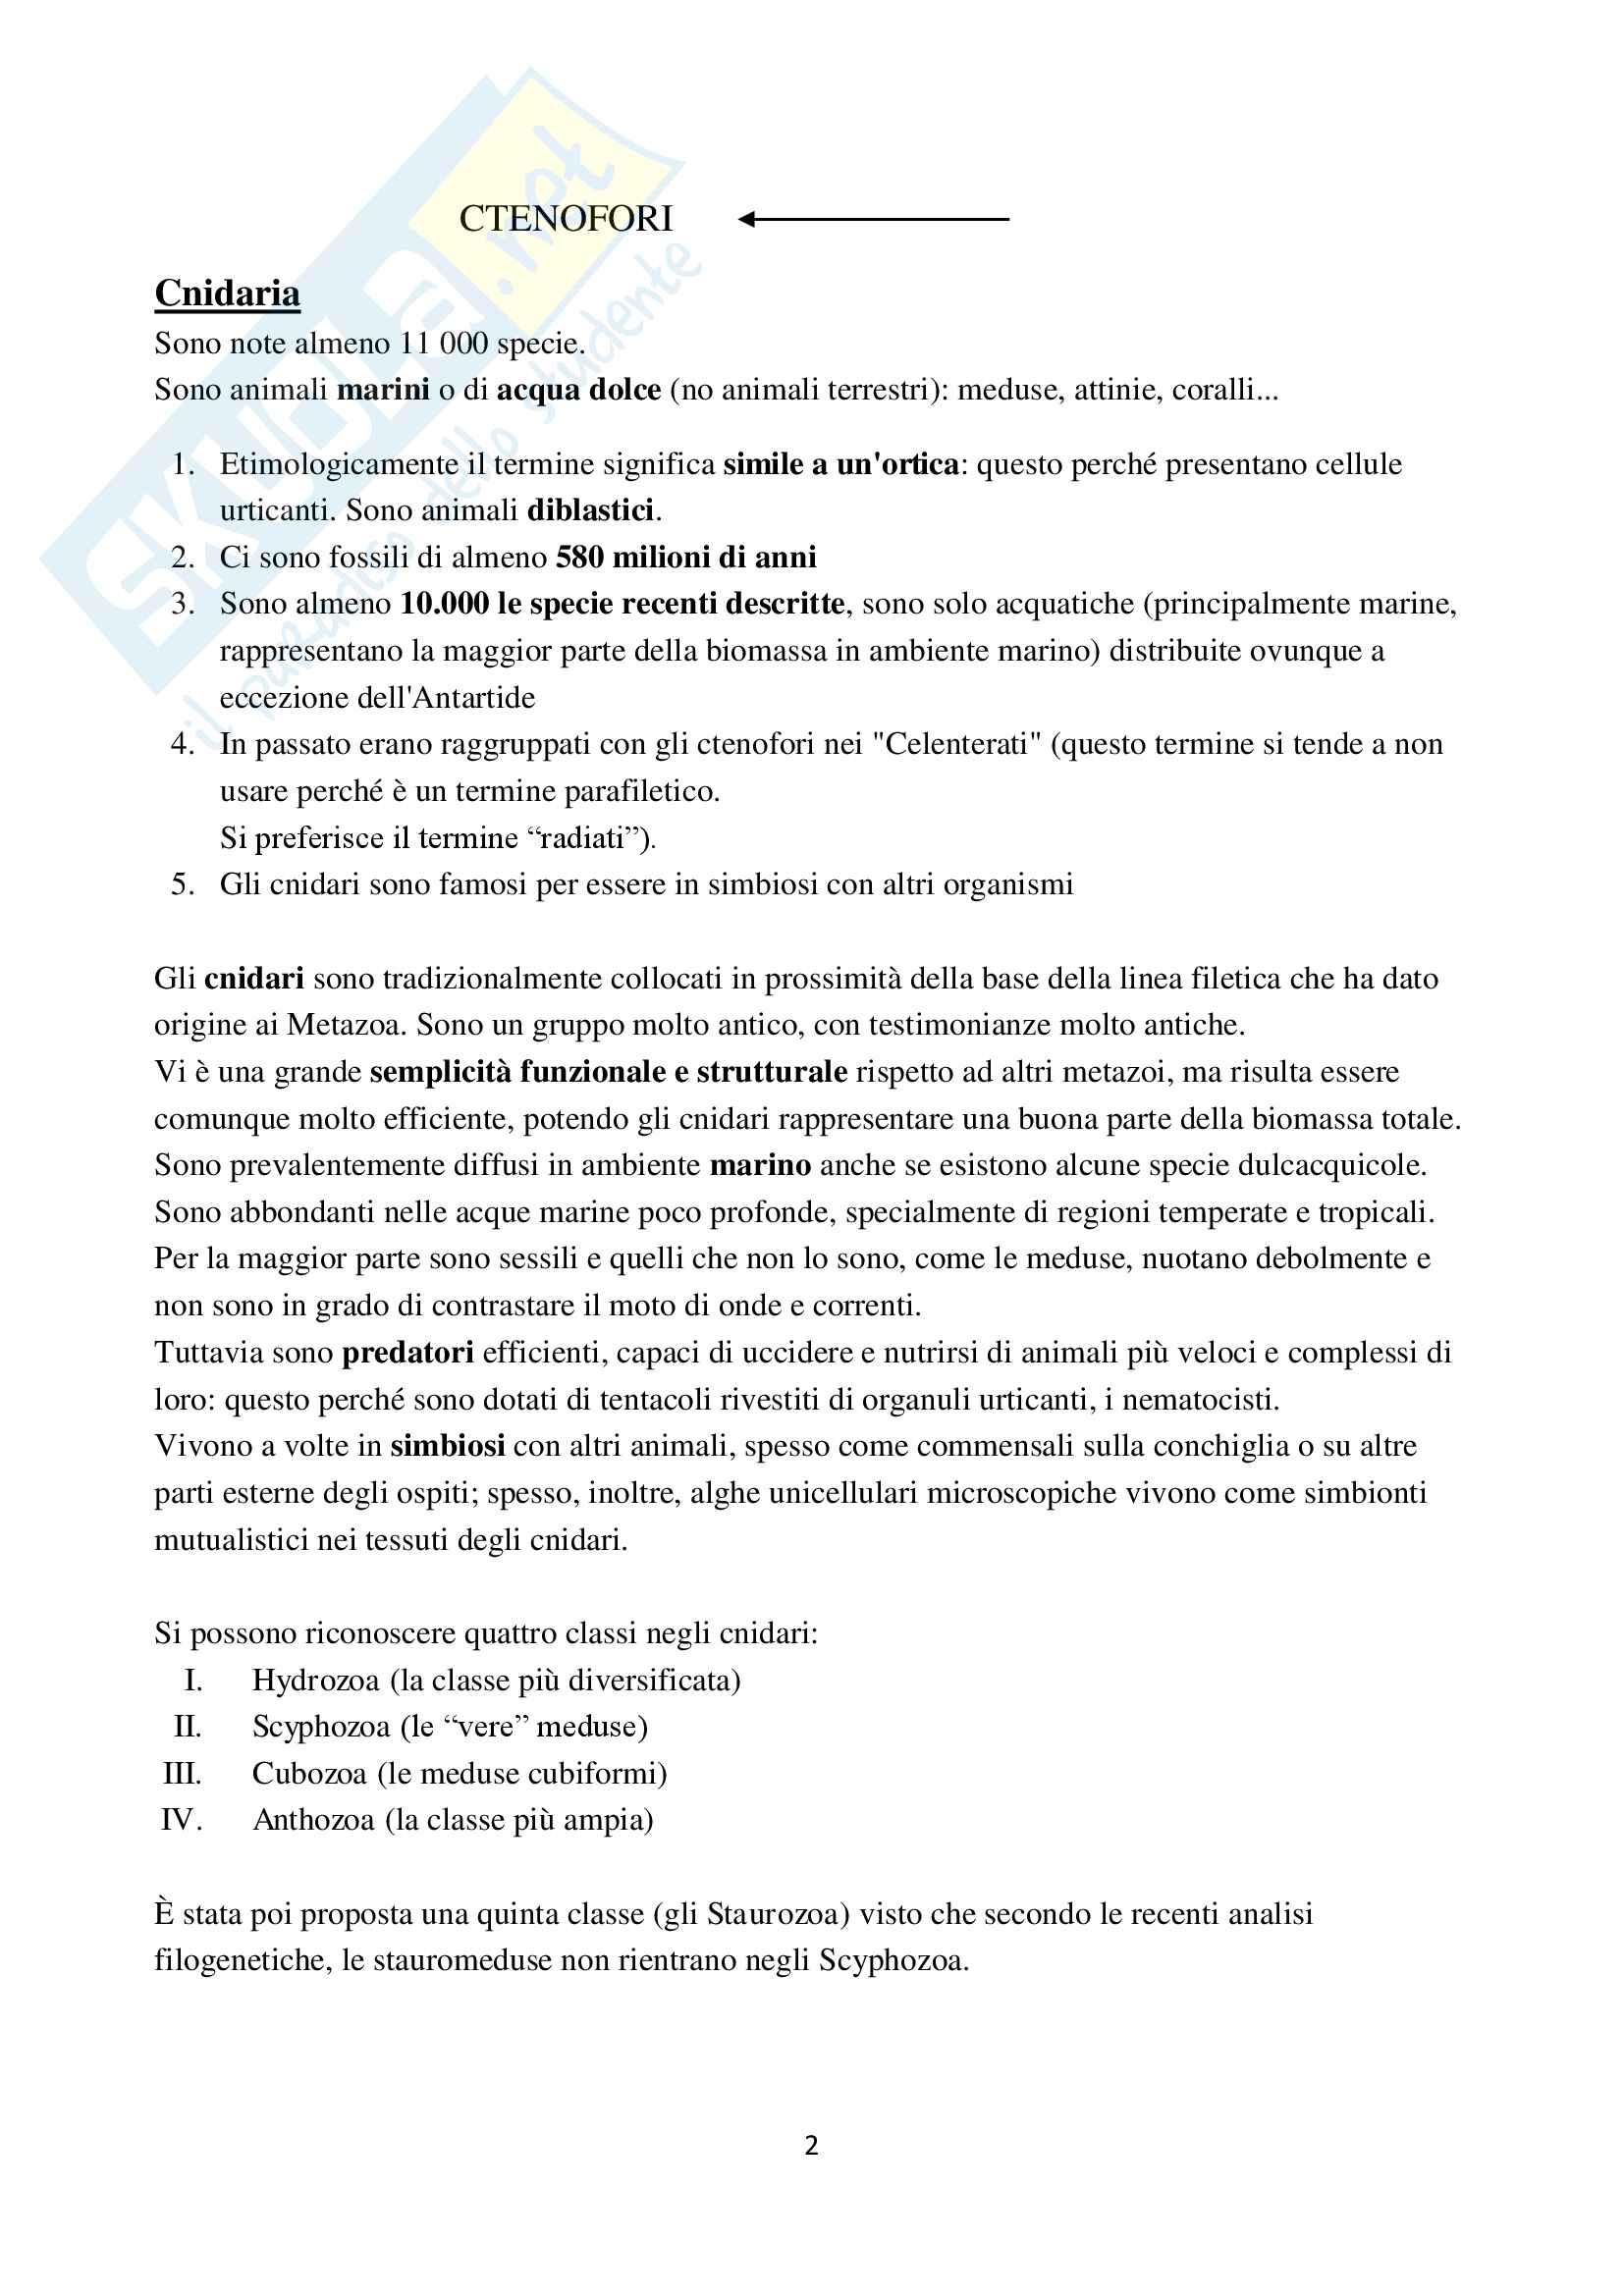 Appunti di Zoologia per l'esame del corso di laurea triennale in Scienze Biologiche (Università Milano Bicocca) Pag. 36